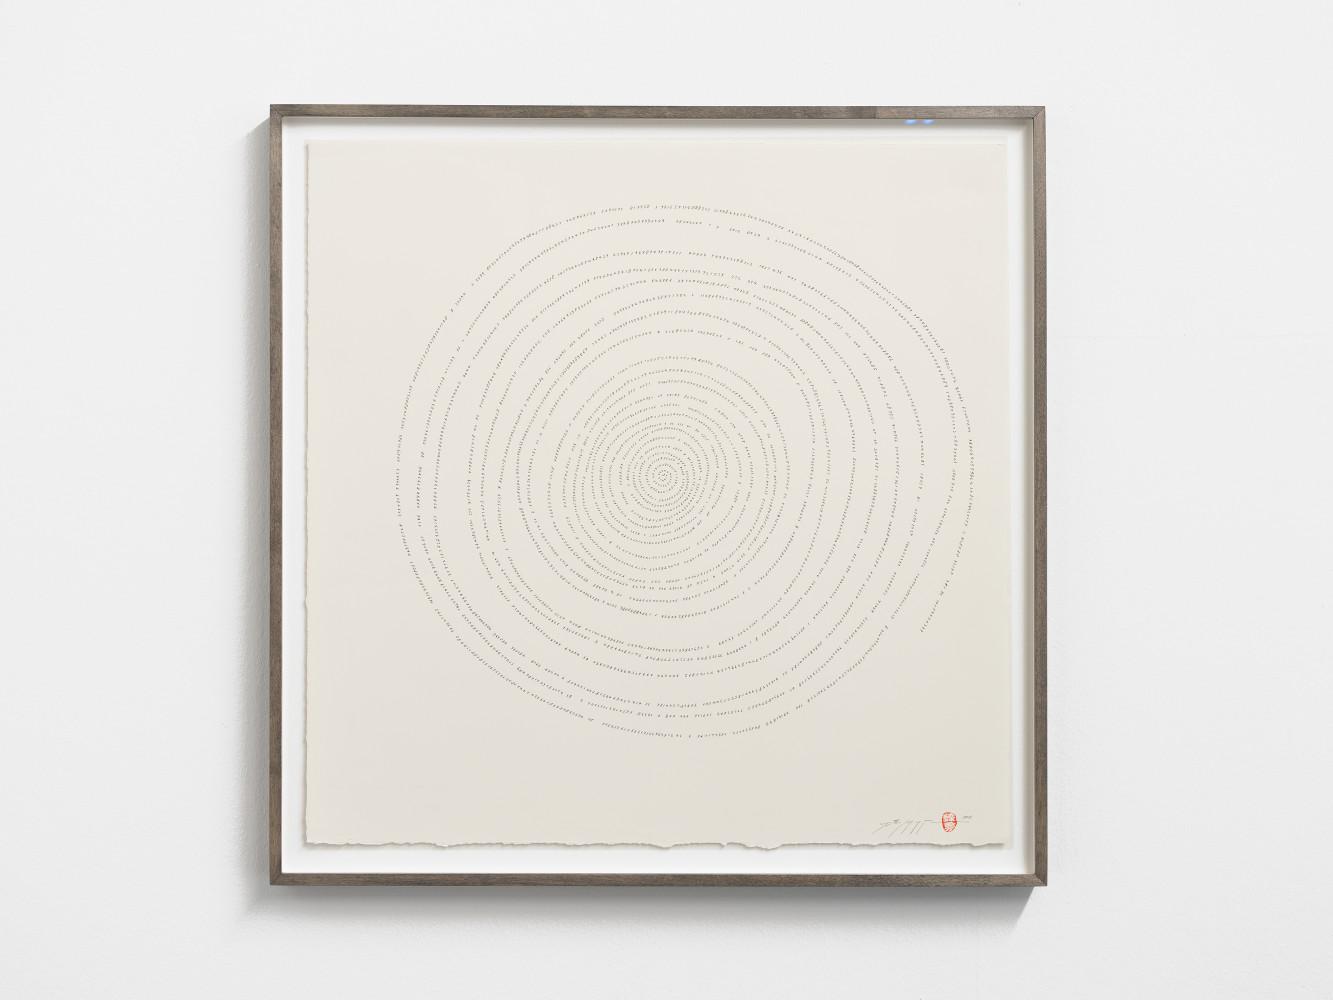 Tatsuo Miyajima, 'Hand-drawn Innumerable Counts 20180305', 2018